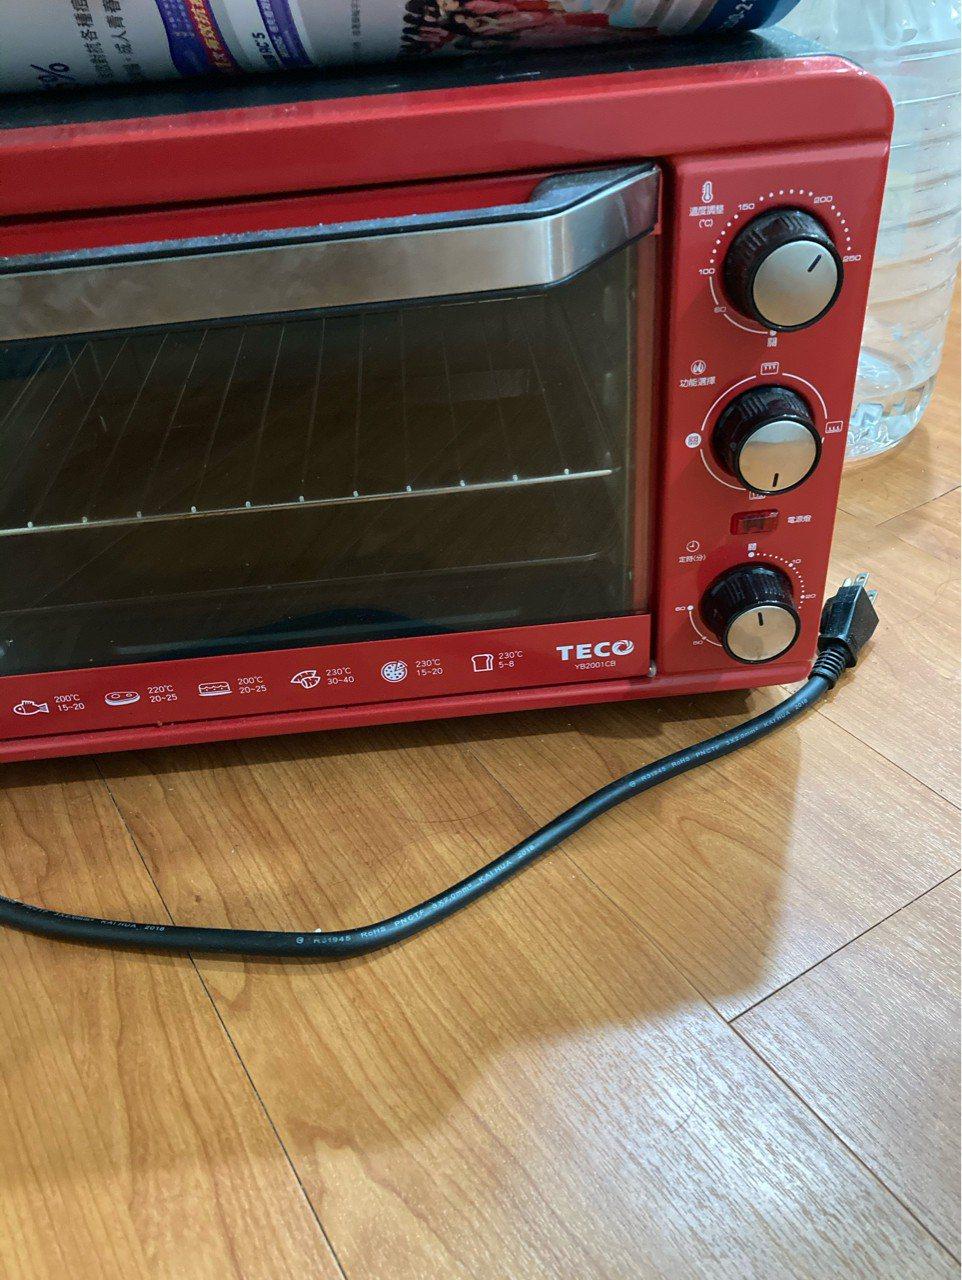 一名網友發現家中的烤箱沒人觸碰,儀錶板竟然自動倒數15分鐘,讓他覺得毛毛的。 圖...